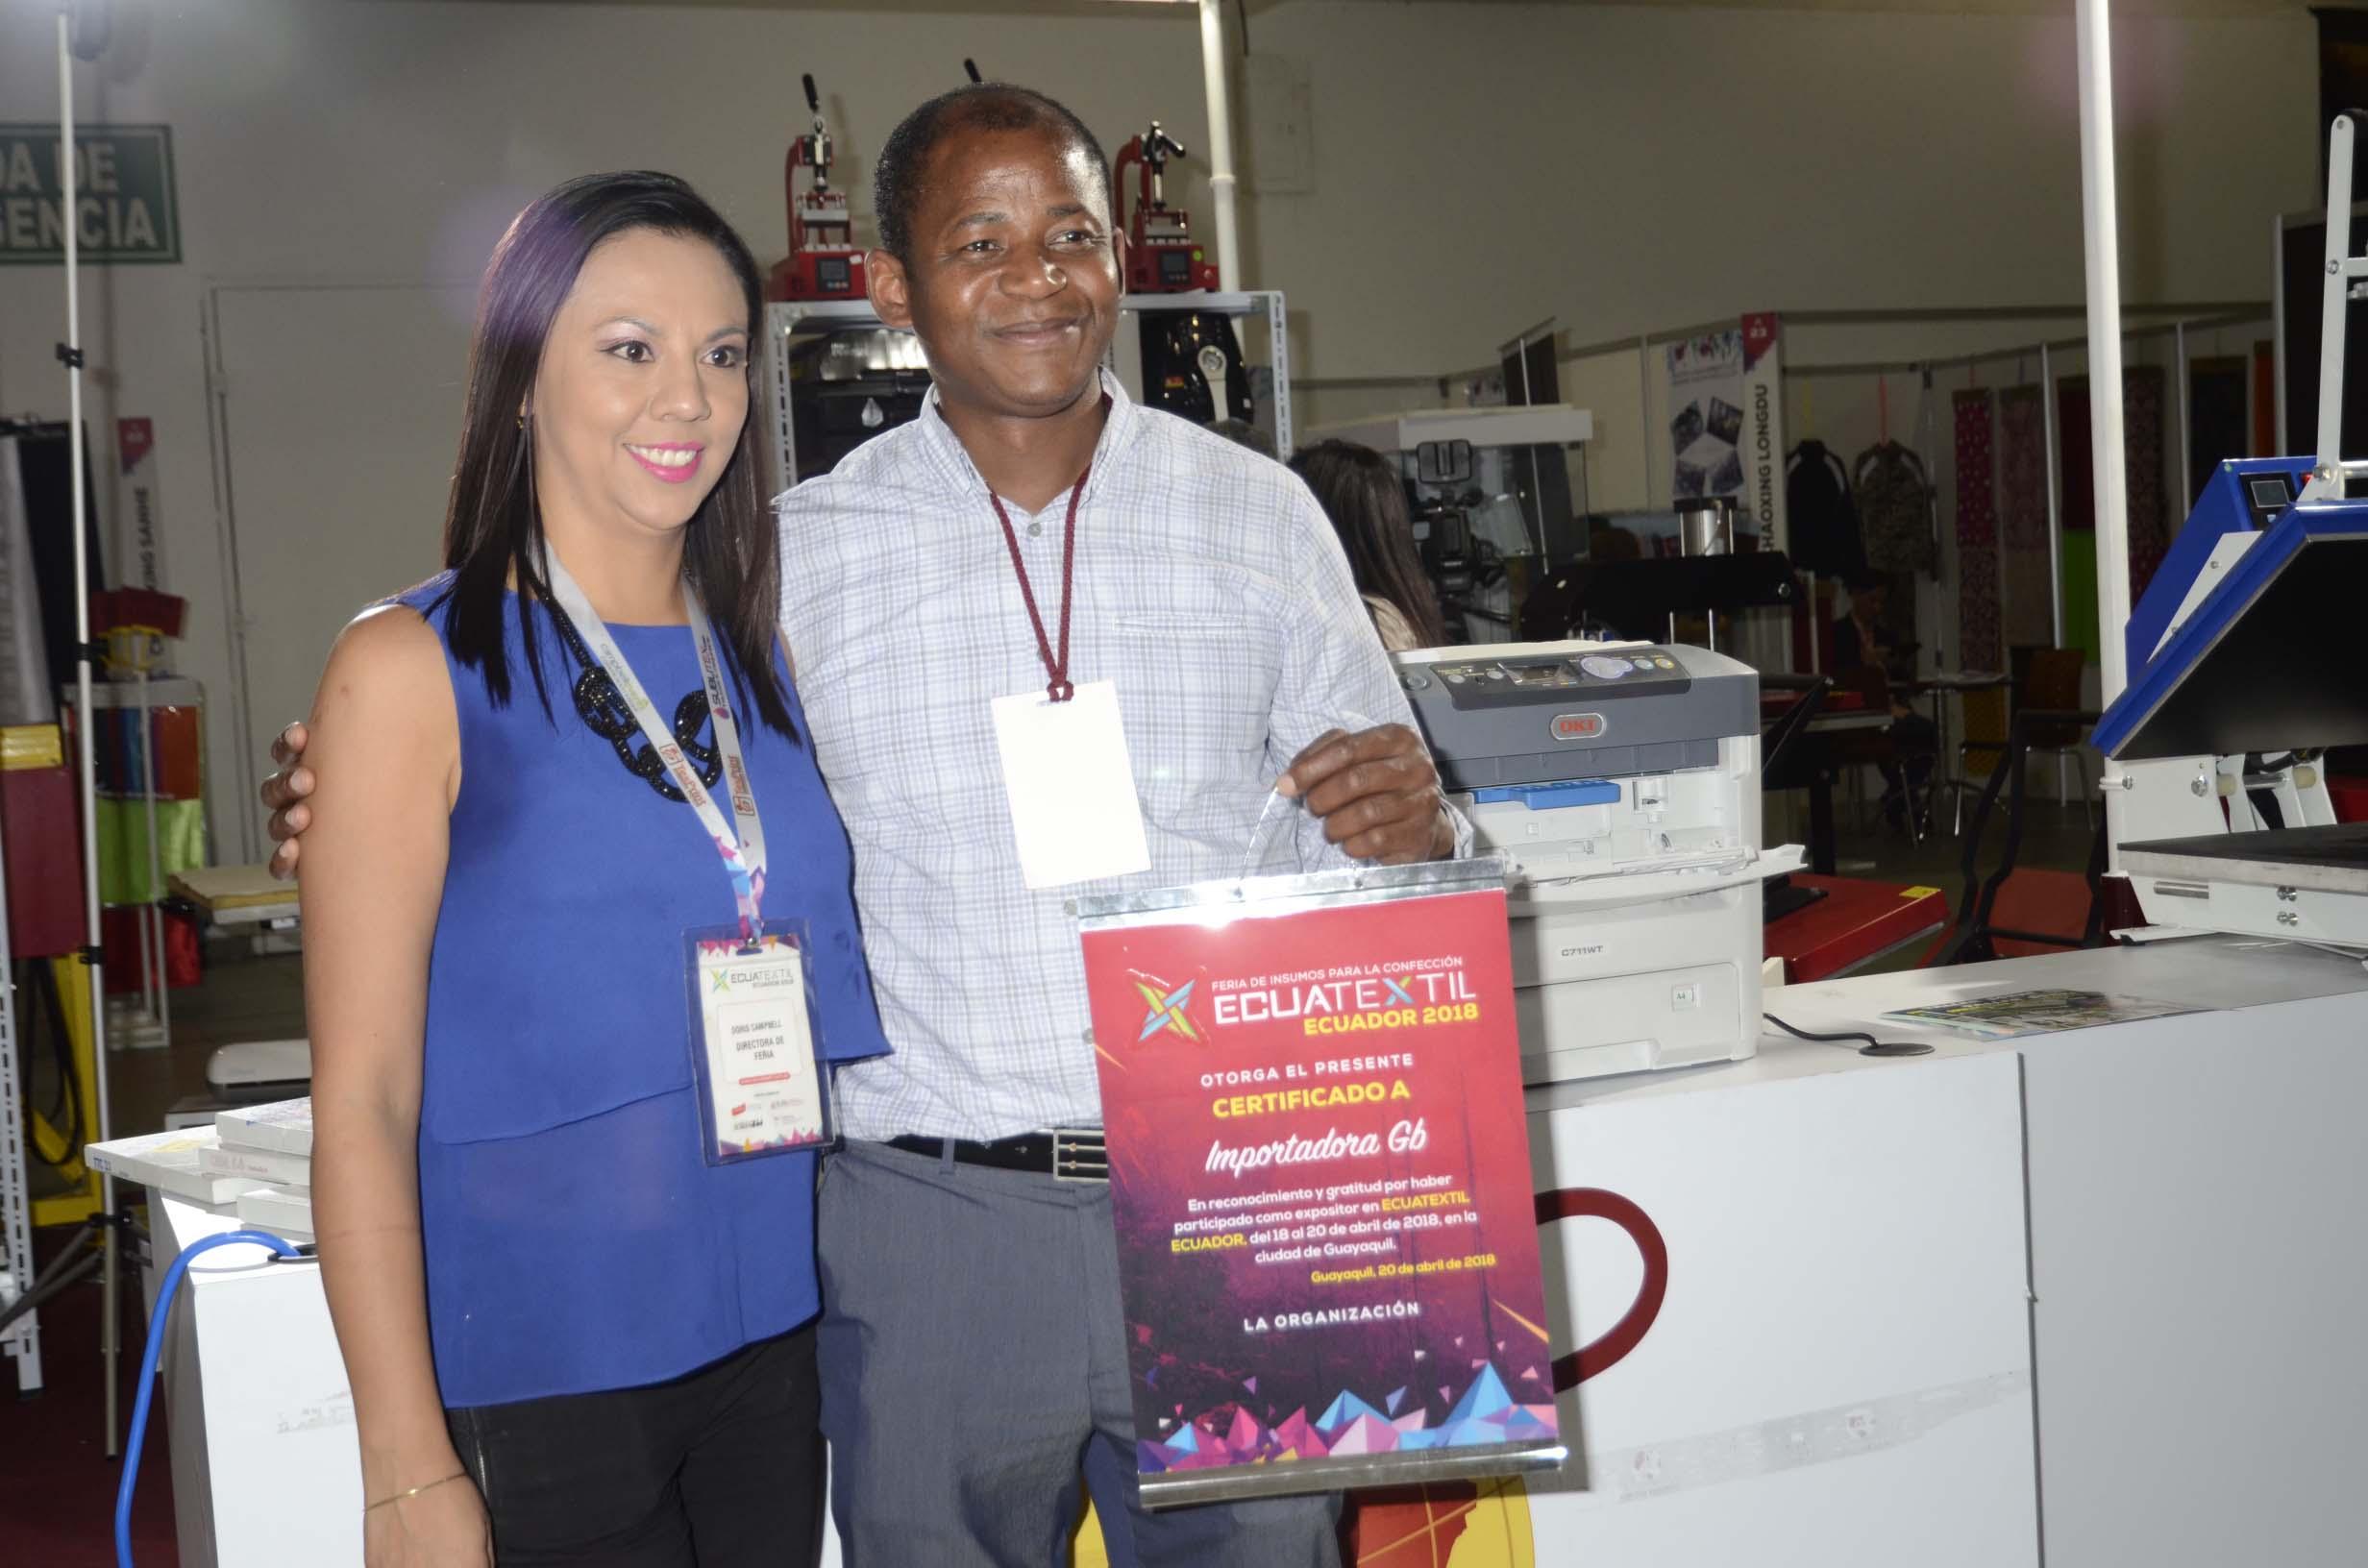 Feria ecuatextil 2018